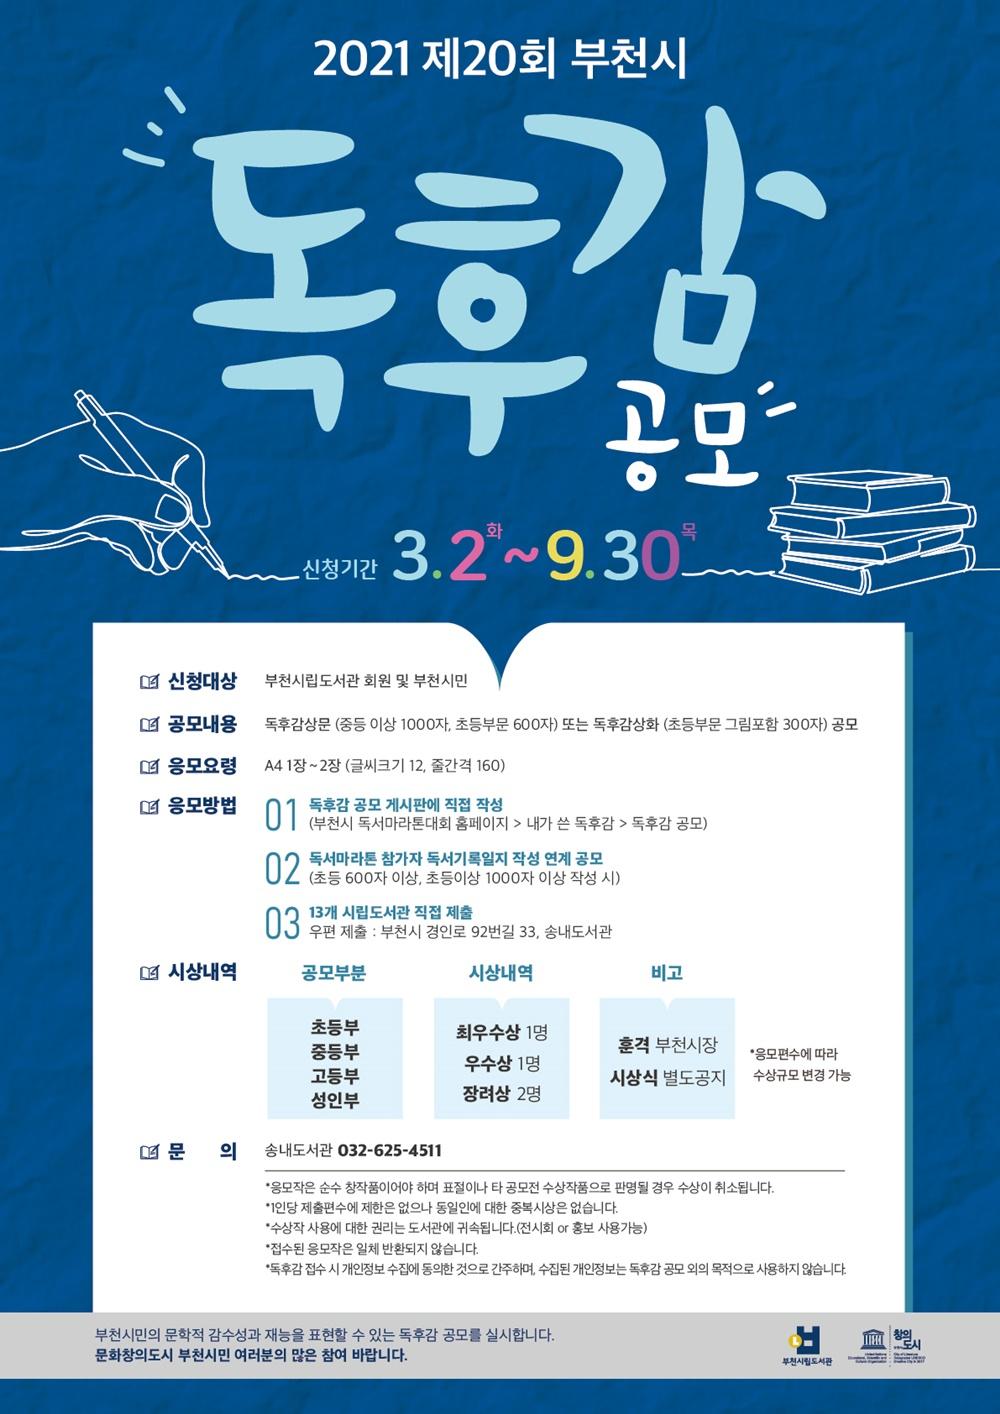 ▲ 제20회 부천시 독후감 공모 홍보 포스터